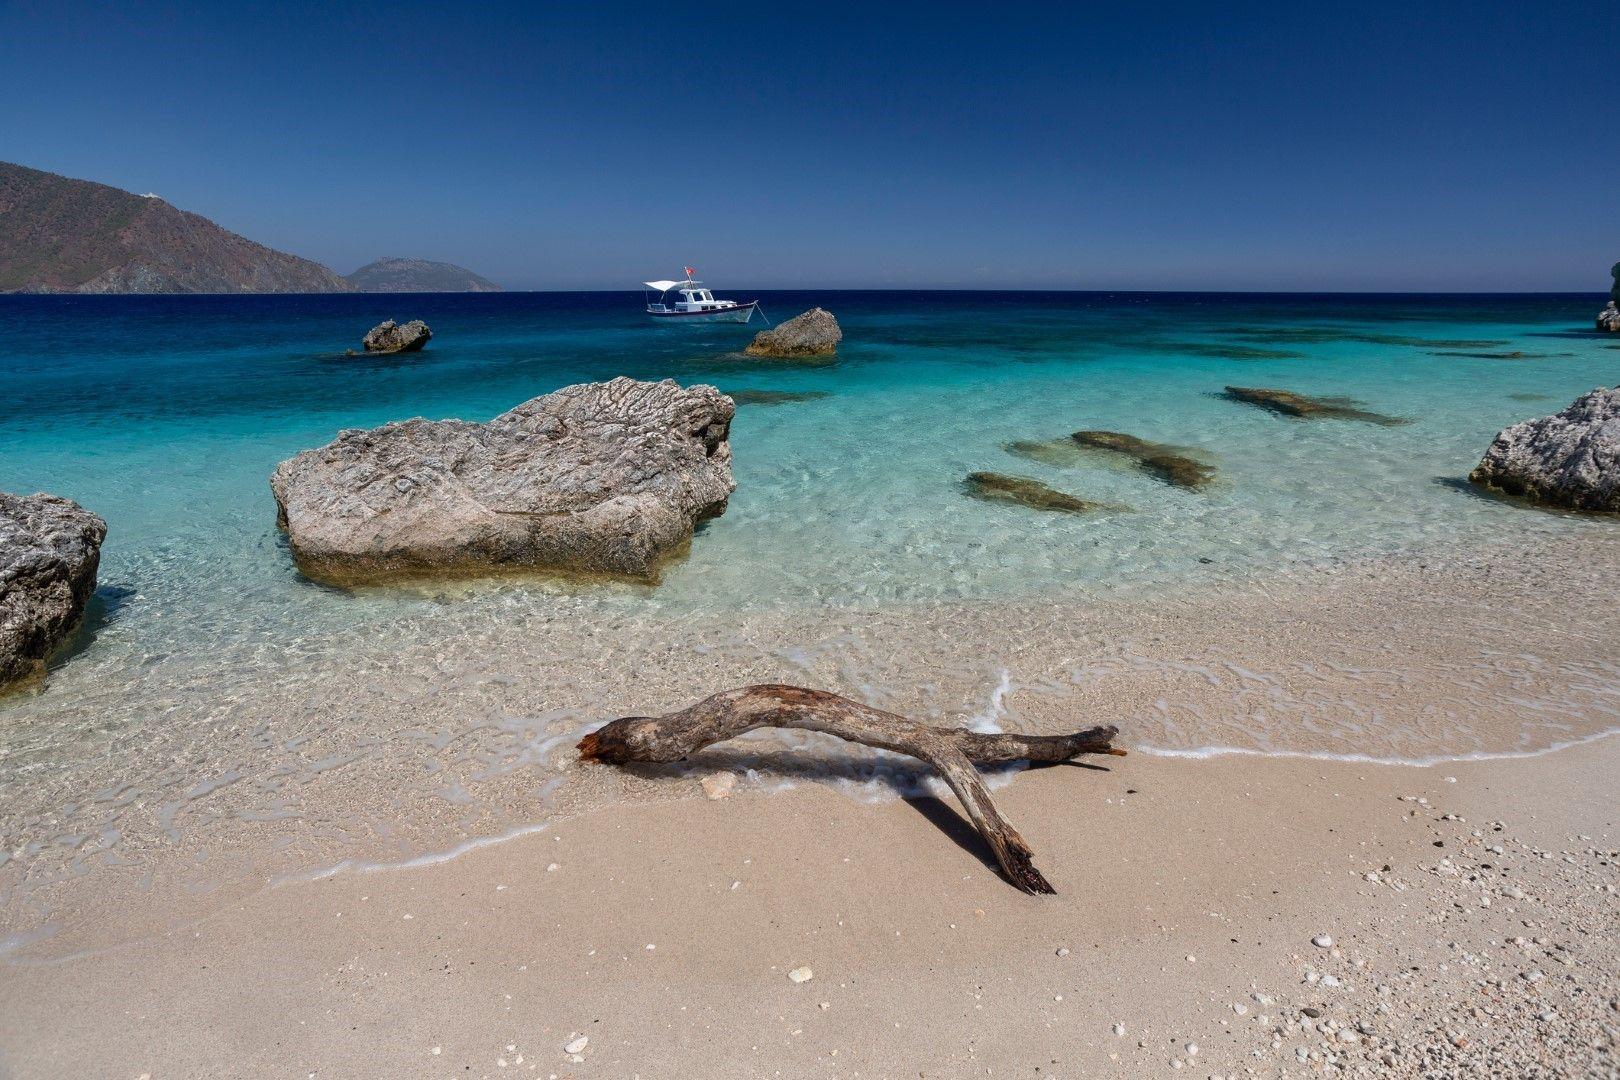 Сравняват остров Сулуада с Малдивите заради тюркоазената вода и белите пясъци